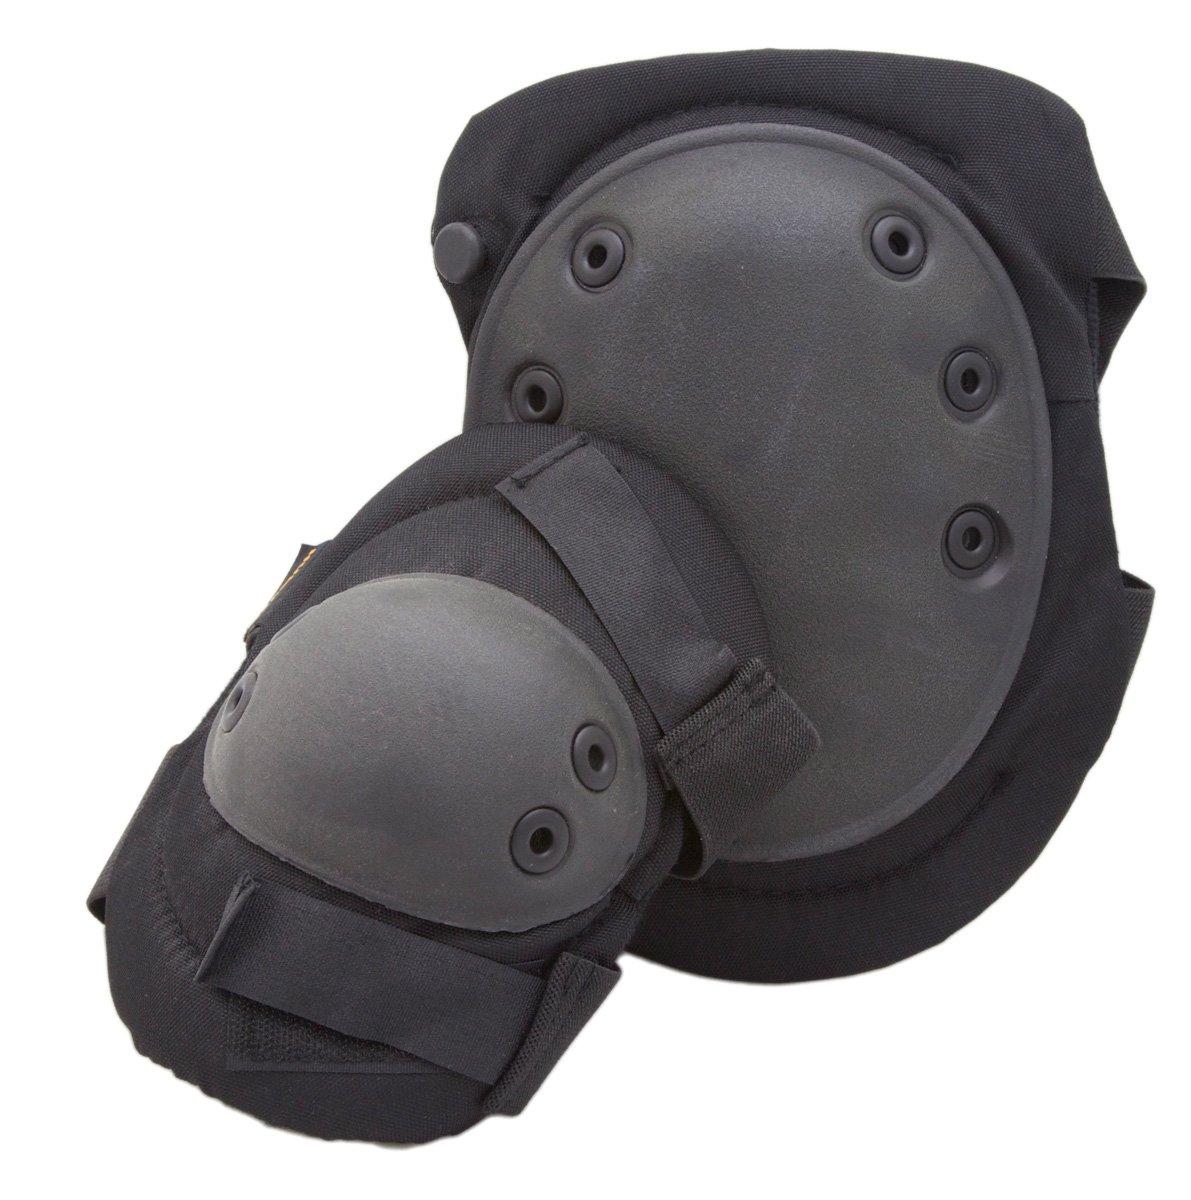 Knee/Elbow Pads   B004GUKMBW